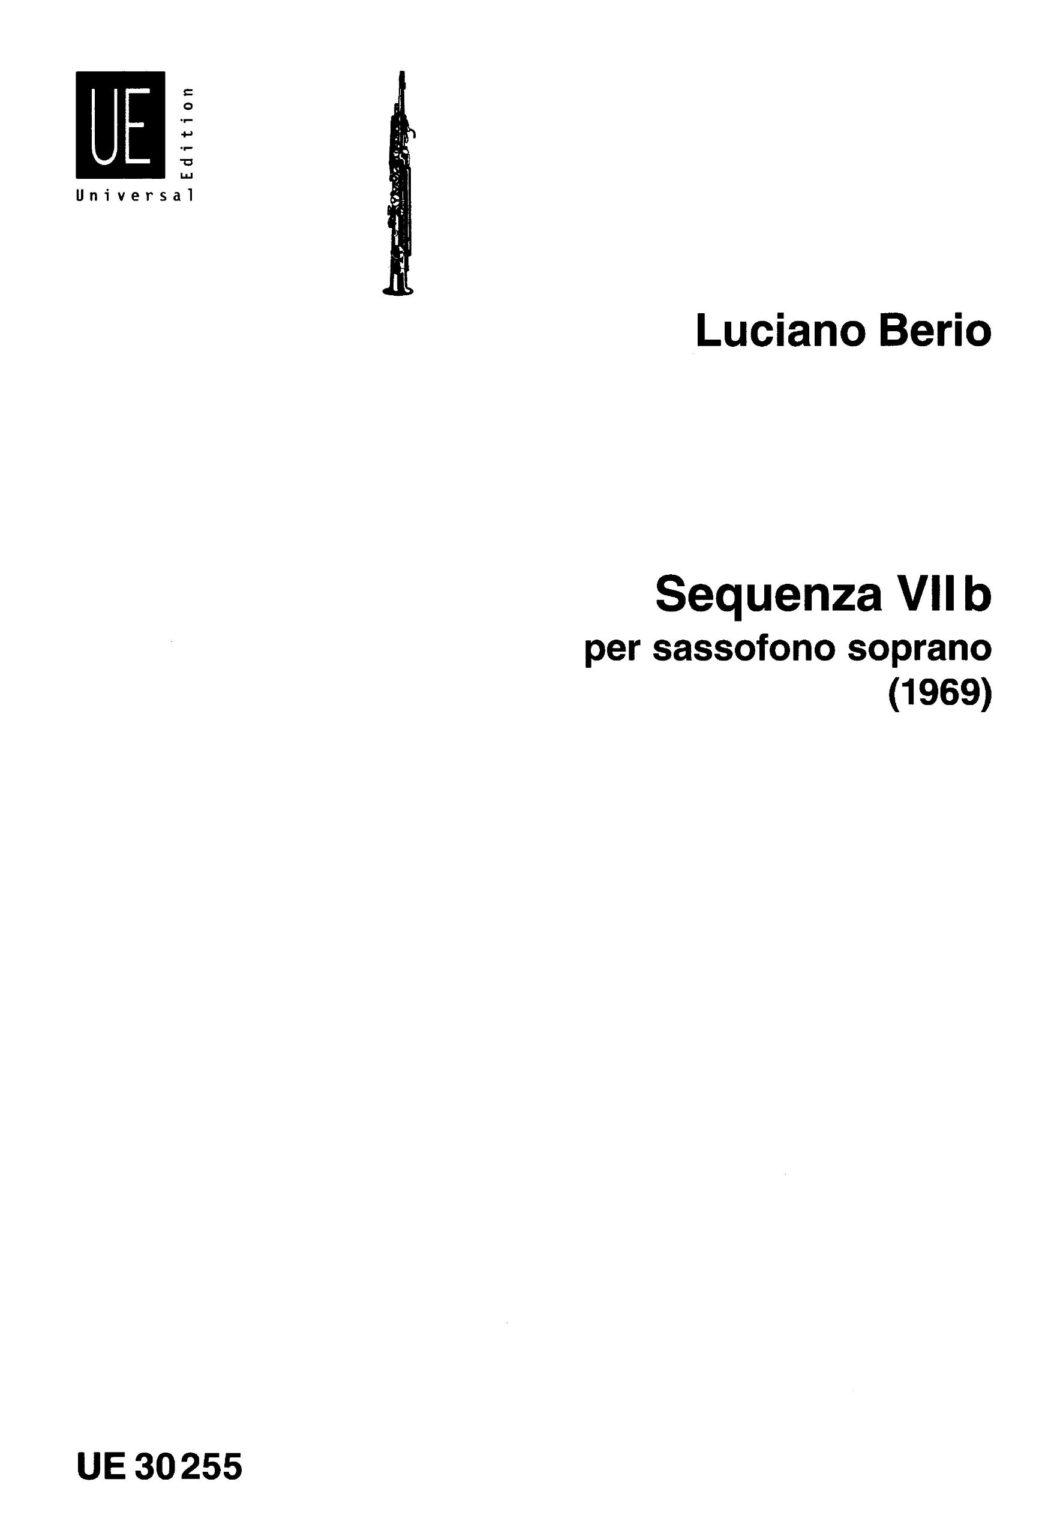 Sequenza VIIb para saxofón soprano. Luciano Berio